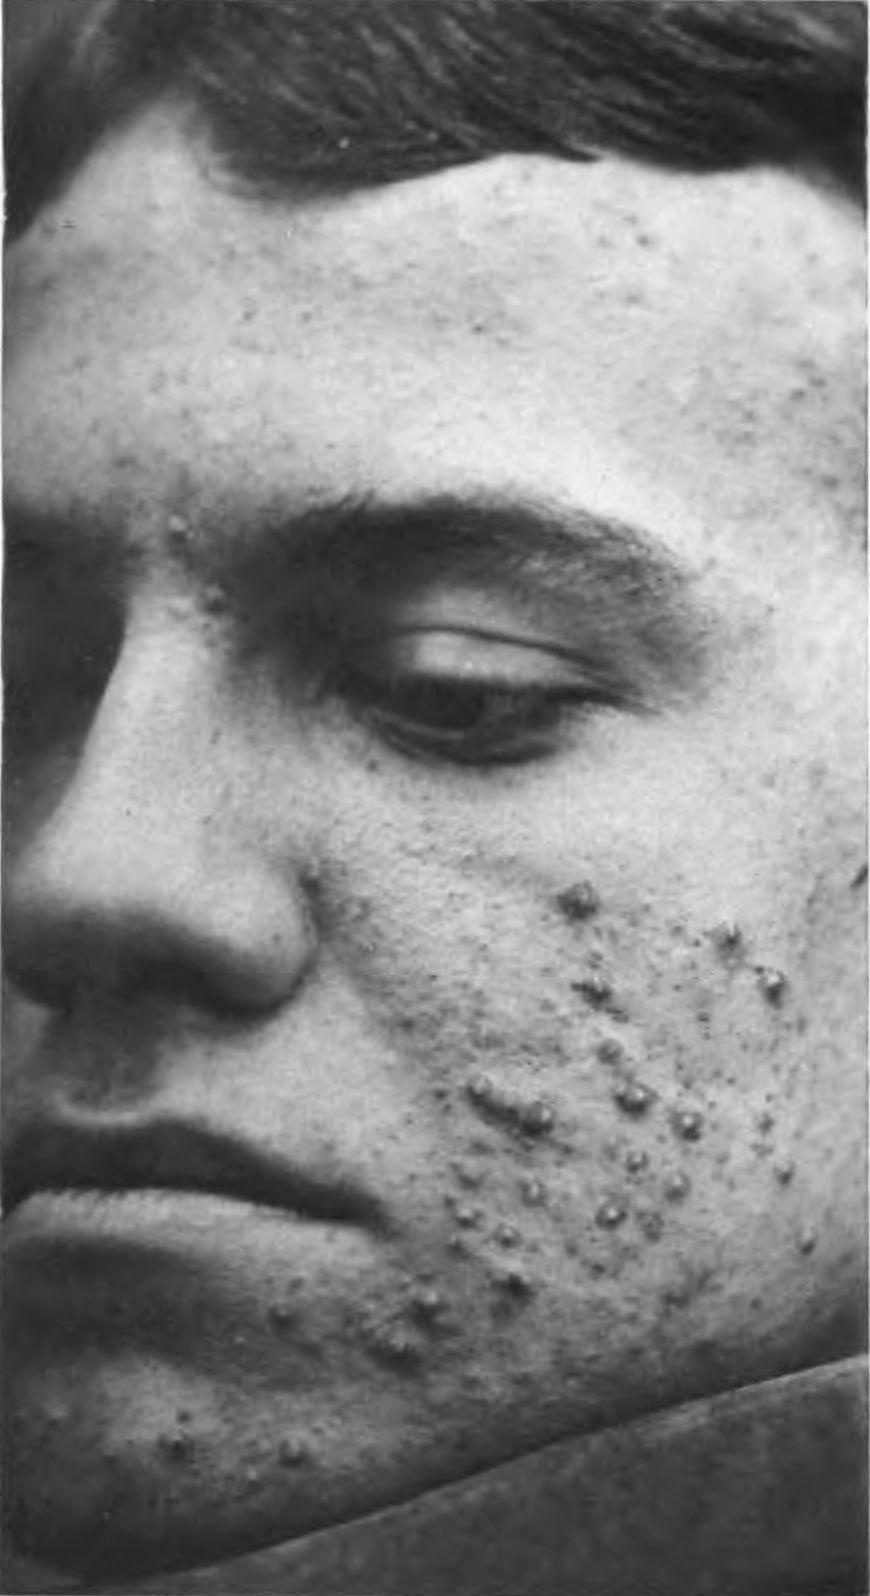 Zdjęcie zmian trądzikowych